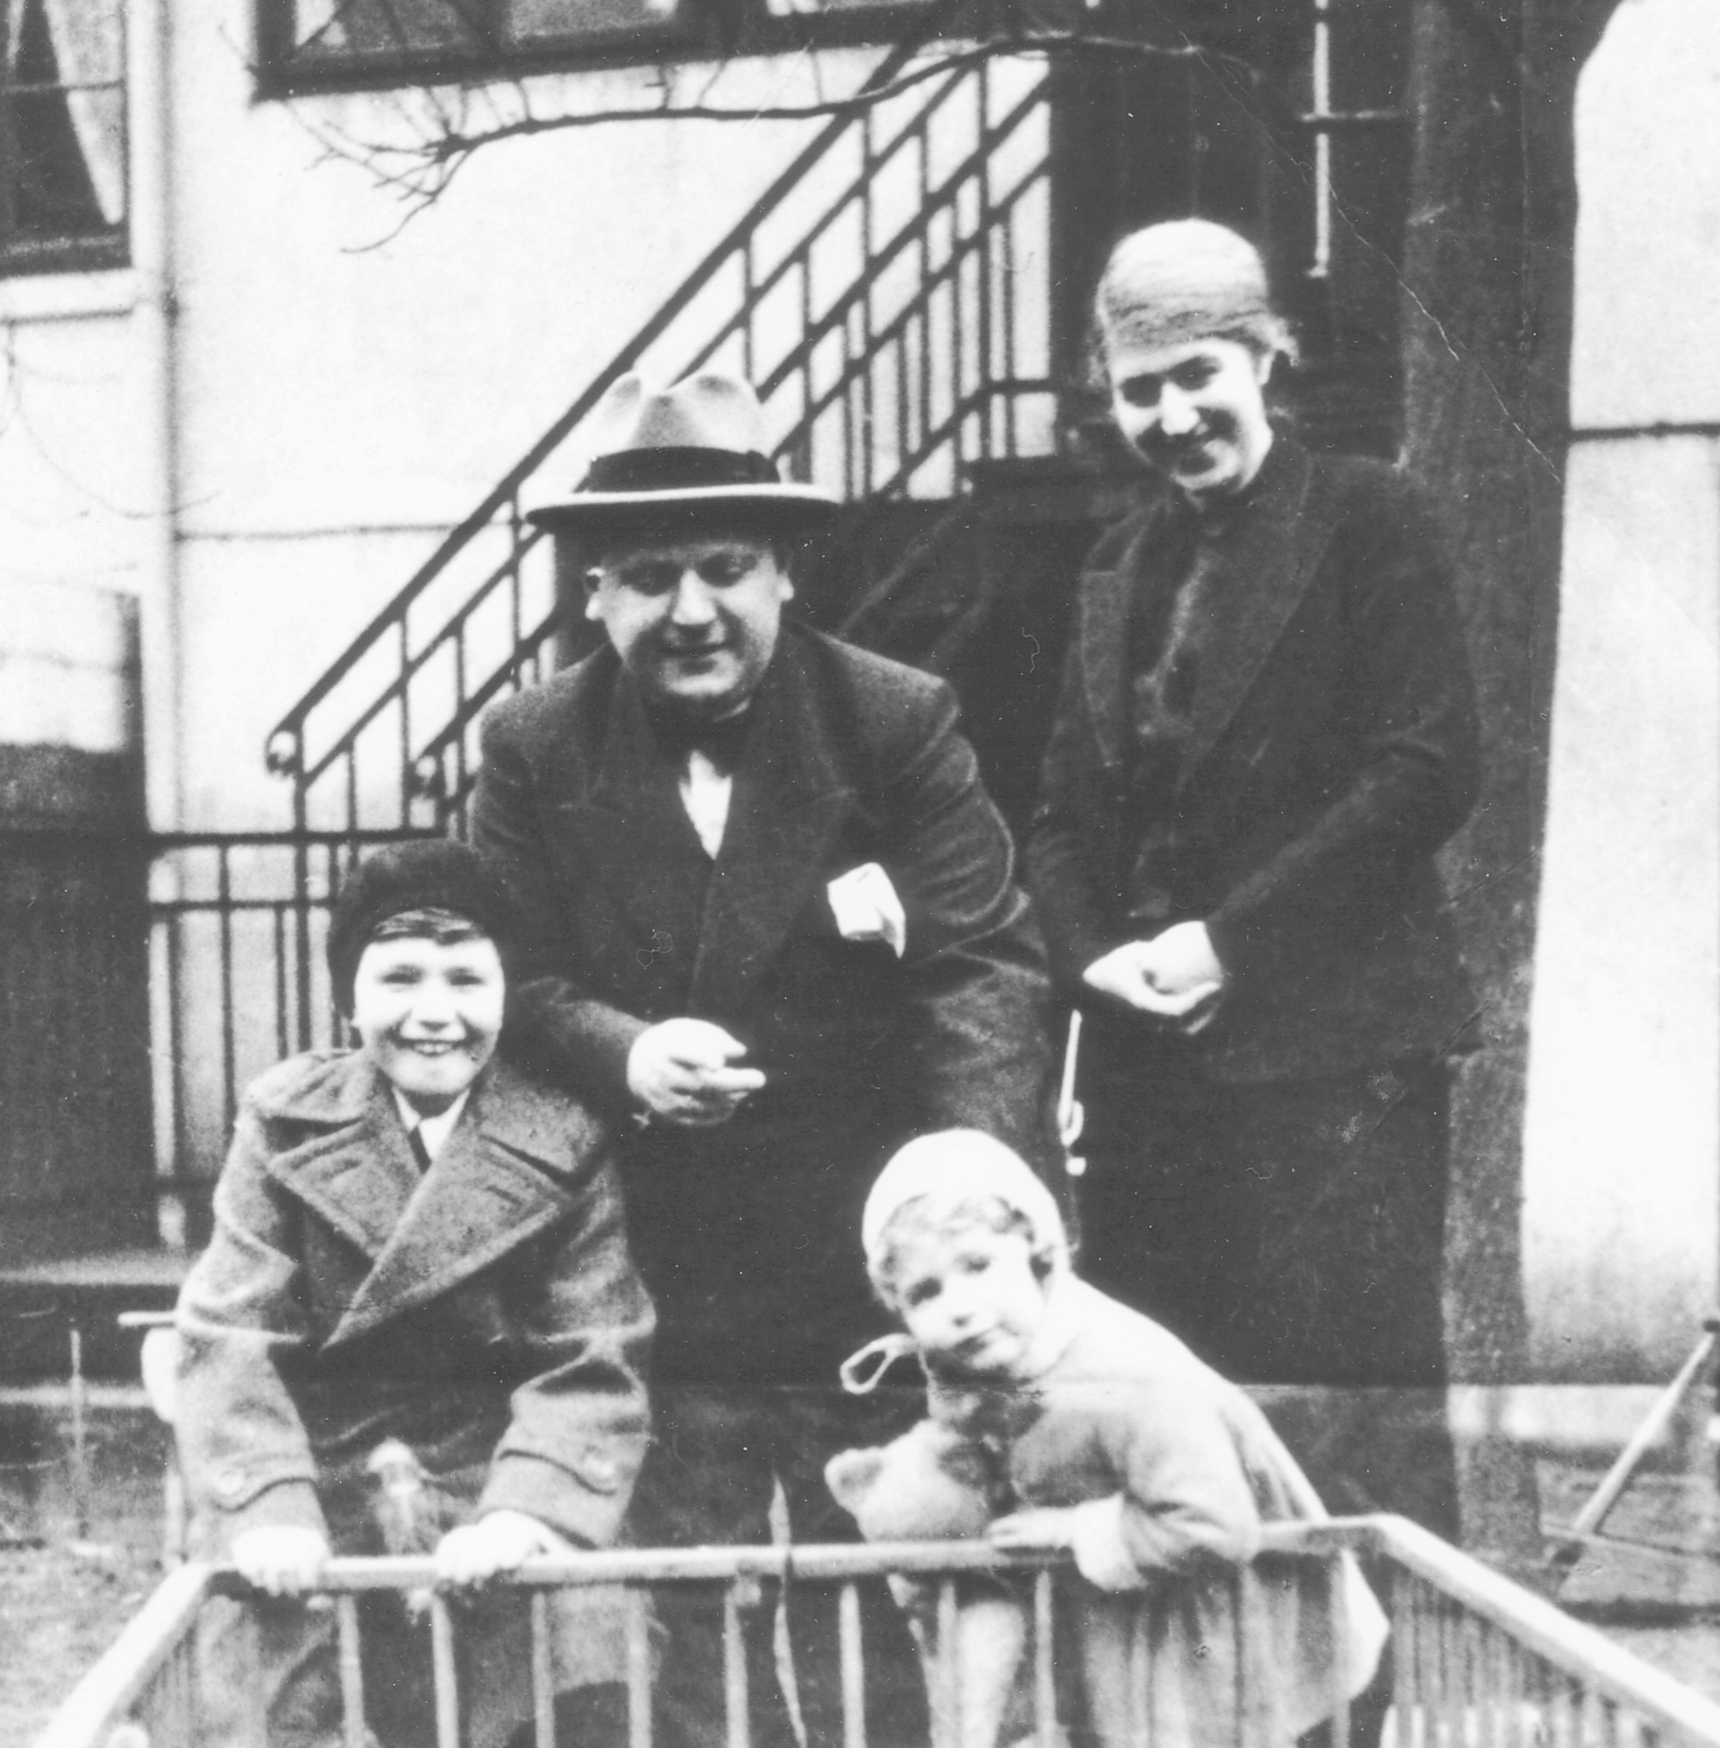 Dieses Bild zeigt Leo Freudenberg mit seiner Familie